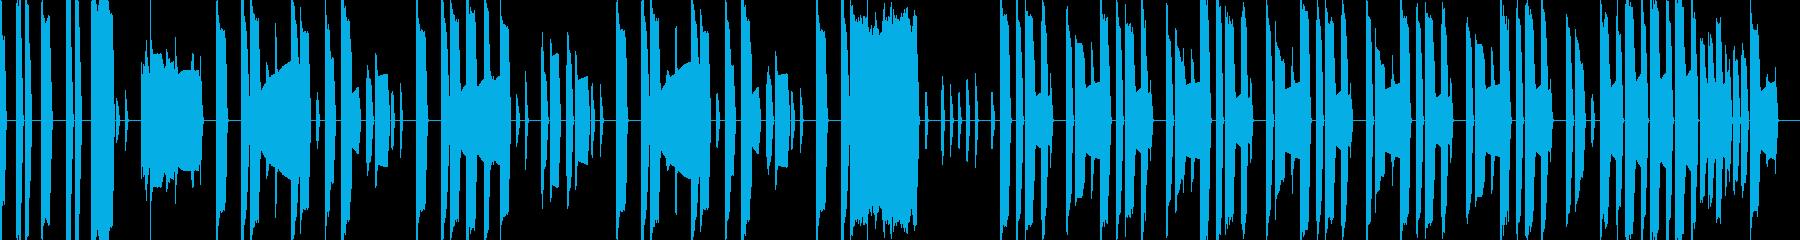 マリオ風の本格ファミコン曲1の再生済みの波形